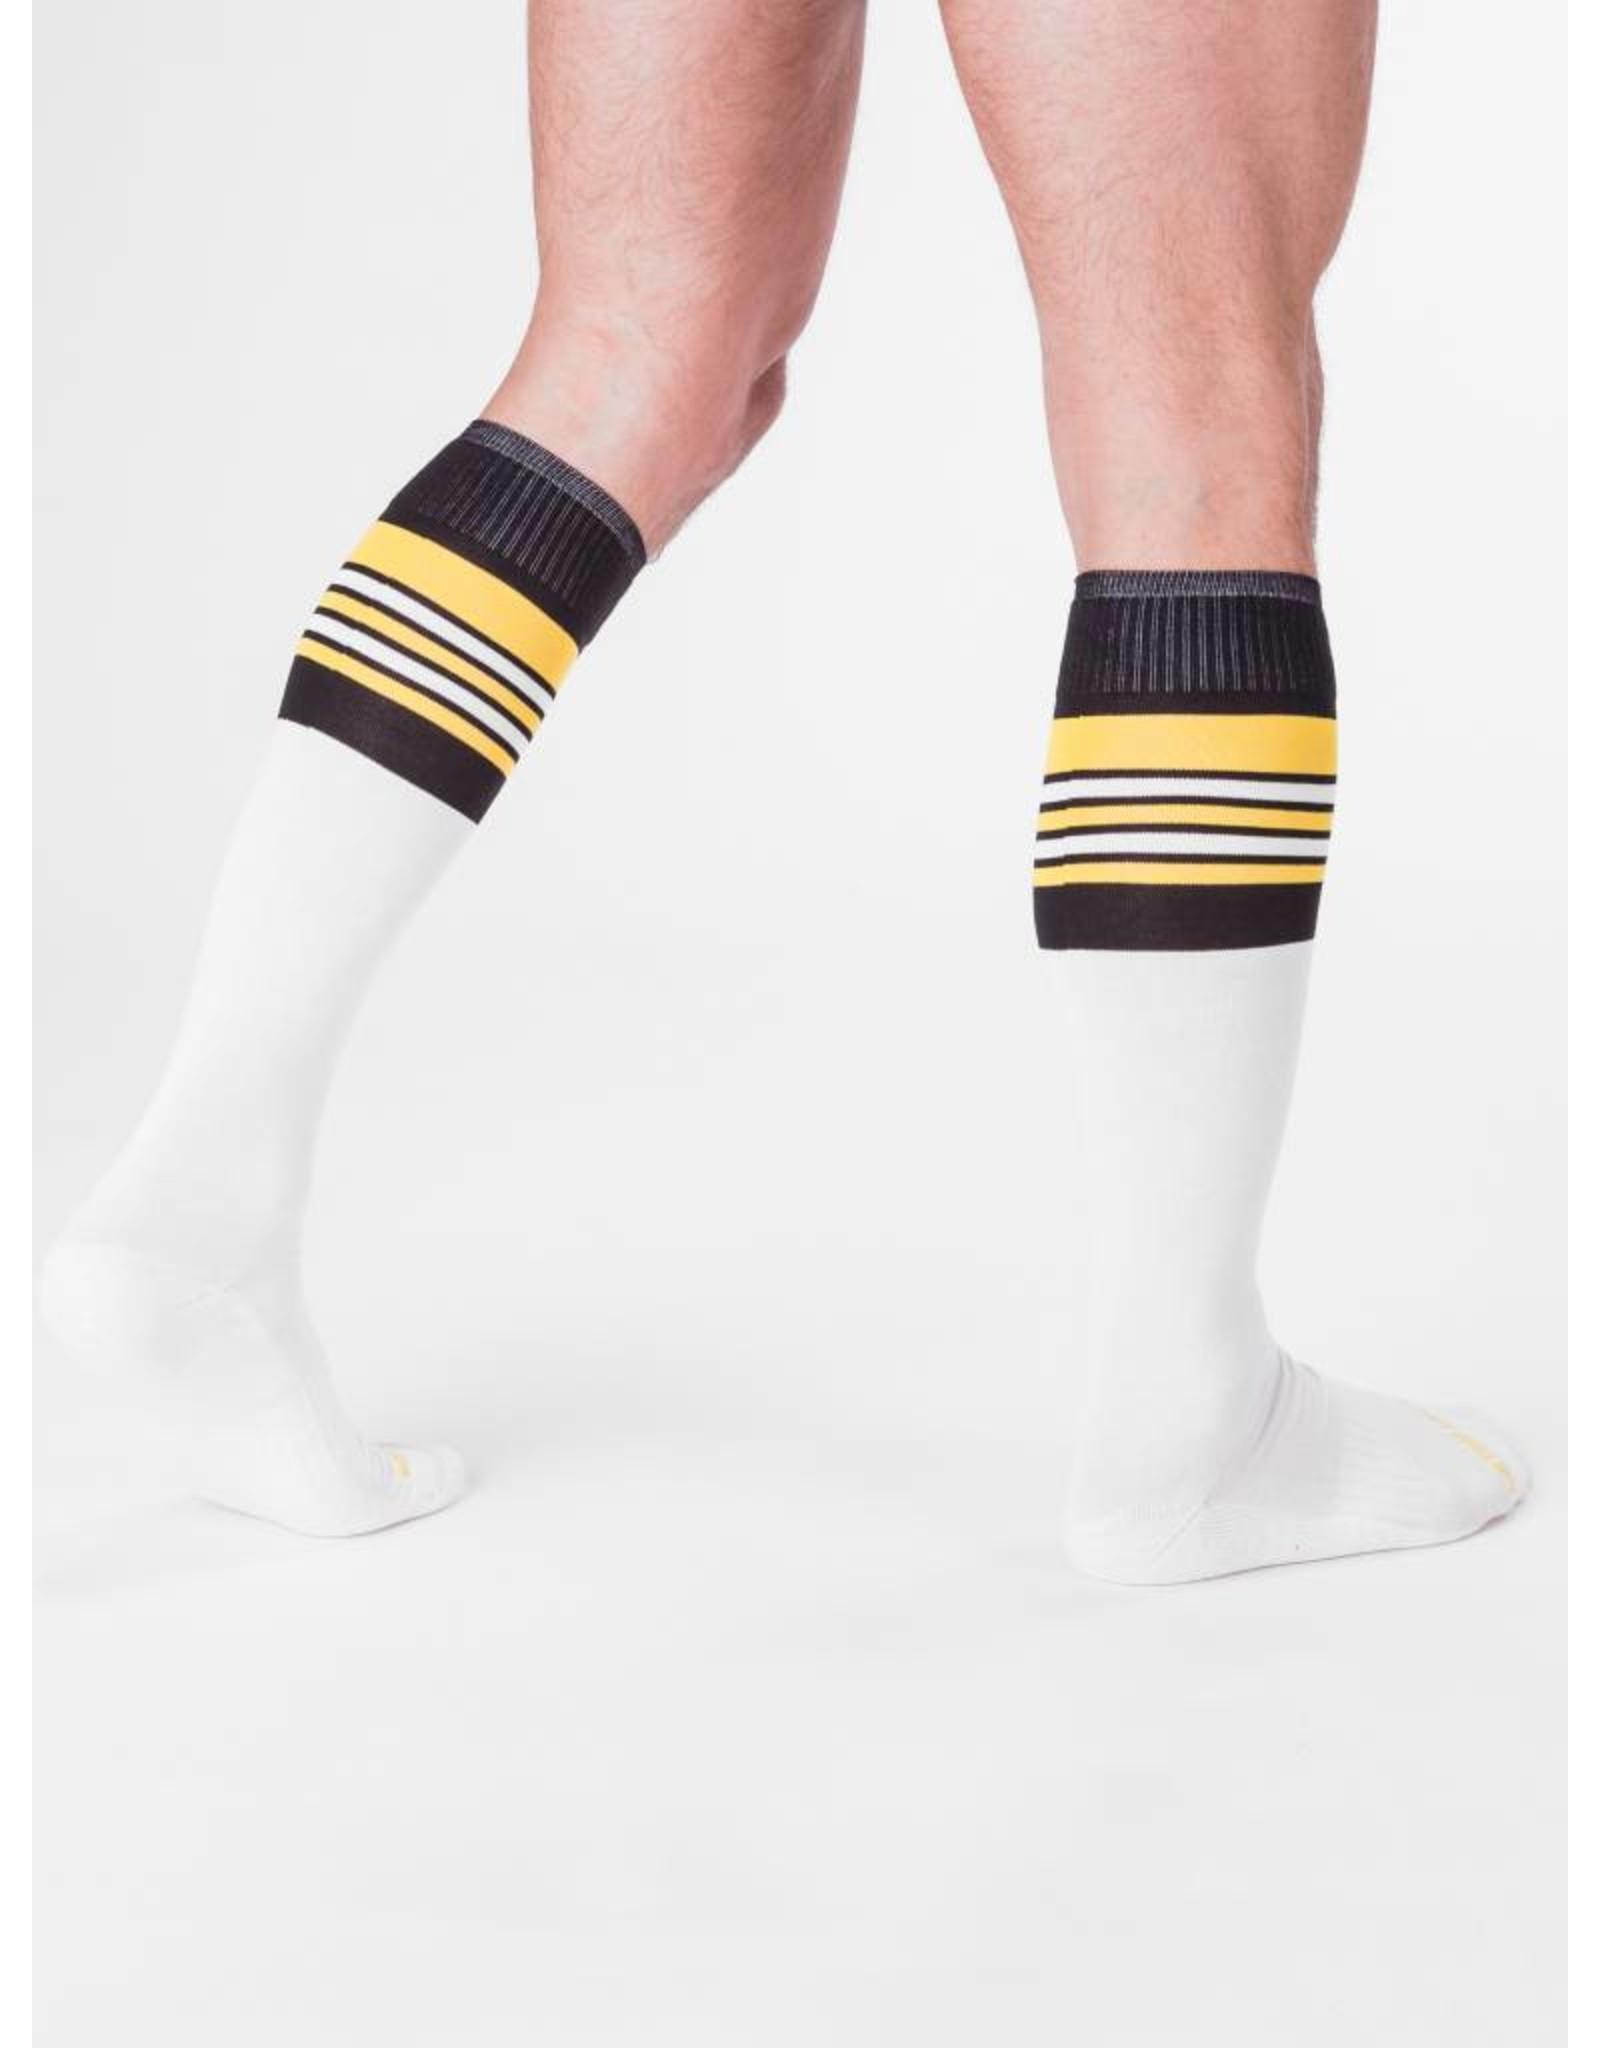 Barcode Berlin Barcode Berlin Football Socks weiss-gelb-schwarz